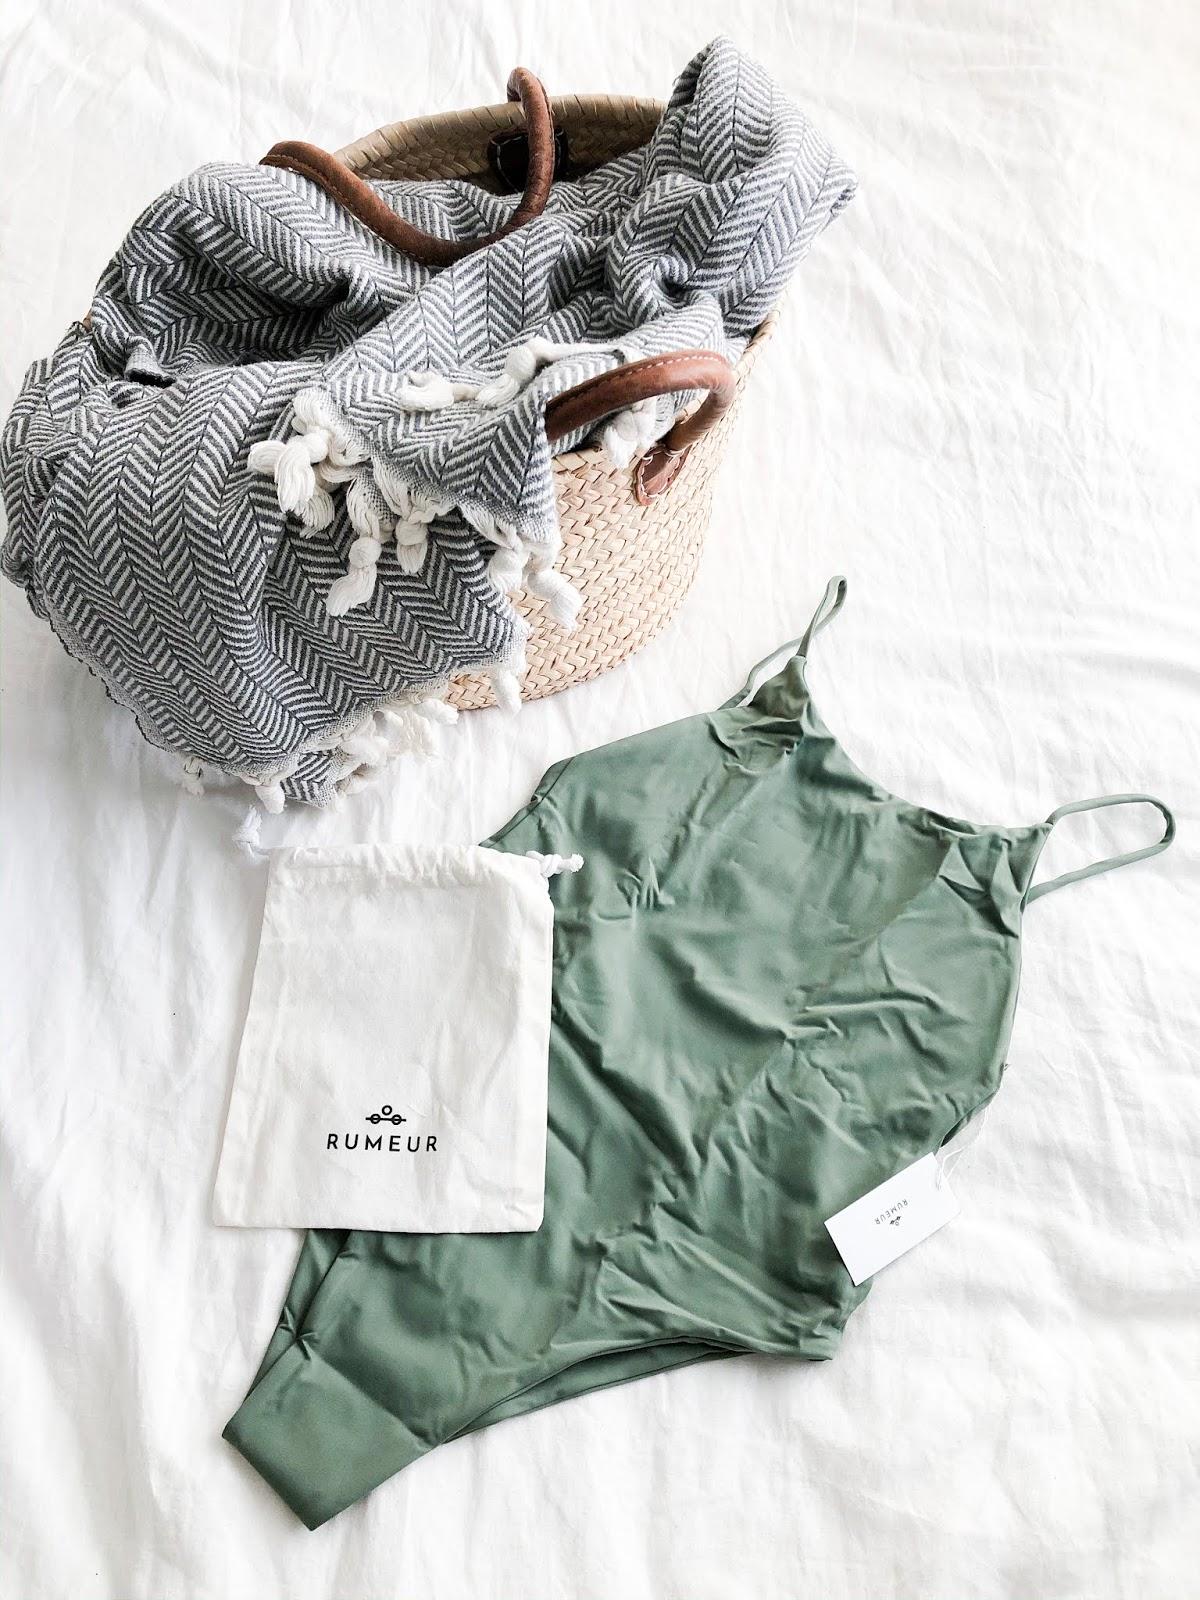 Swimwear, Rumeur label, independent fashion brand, Finnish design - uimapuku, itsenäinen muotibrändi, Suomalainen muoti